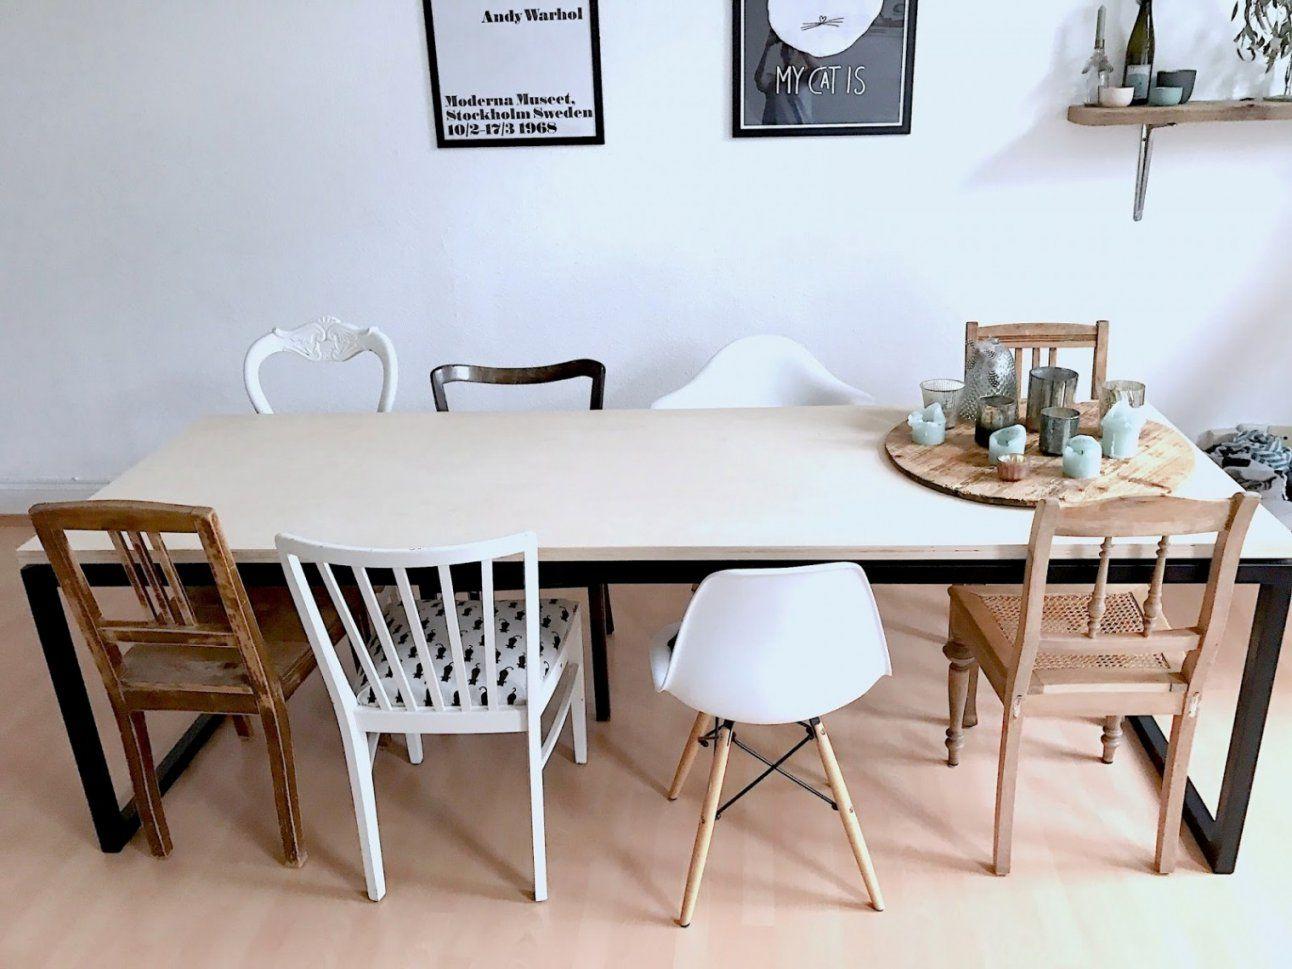 Beste Tische Stuhle Tisch Stuhl Kinderzimmer Gebraucht Bank Kinder von Tisch Und Stühle Gebraucht Bild